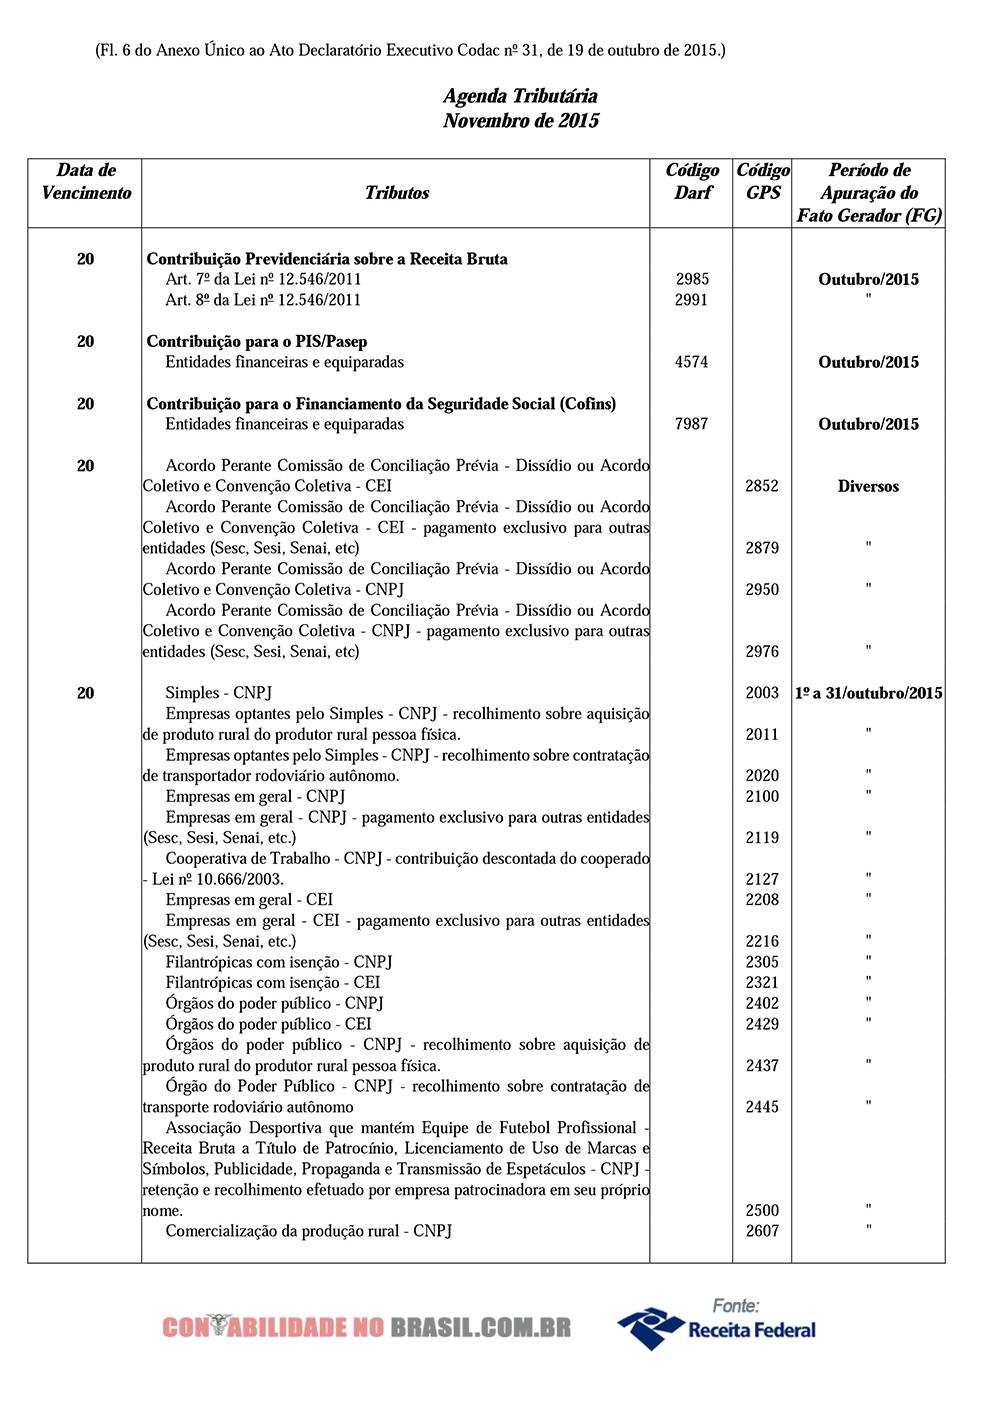 agenda tributaria novembro de 2015 06